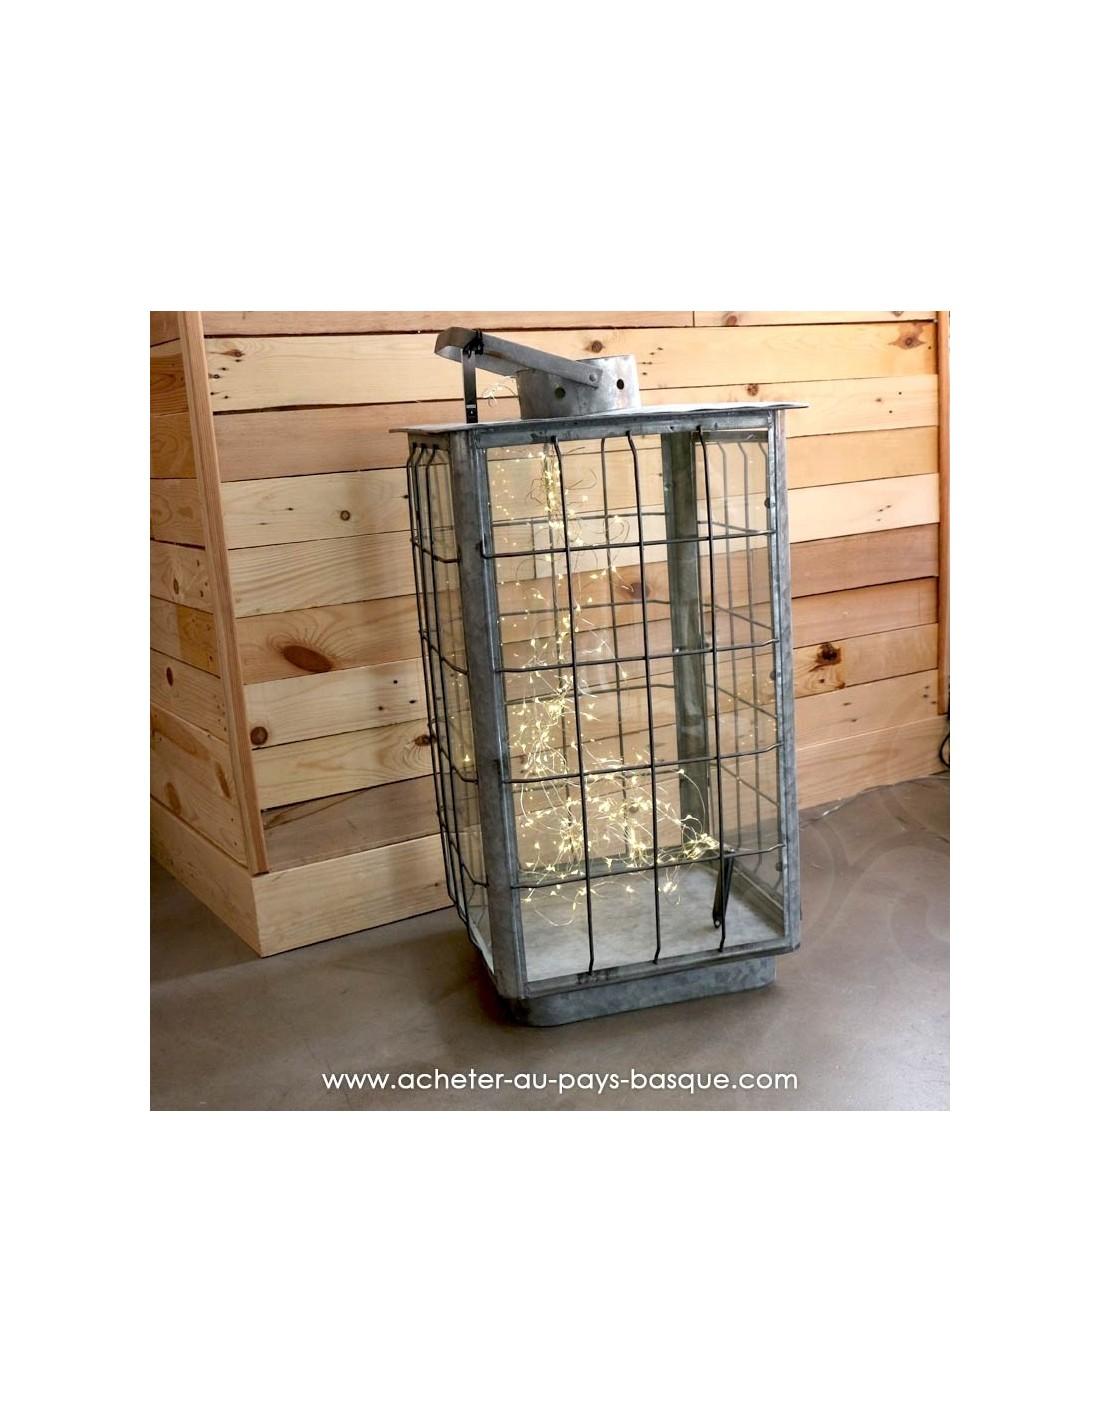 grande lanterne slade zinc nickel boutique d co pas sage. Black Bedroom Furniture Sets. Home Design Ideas